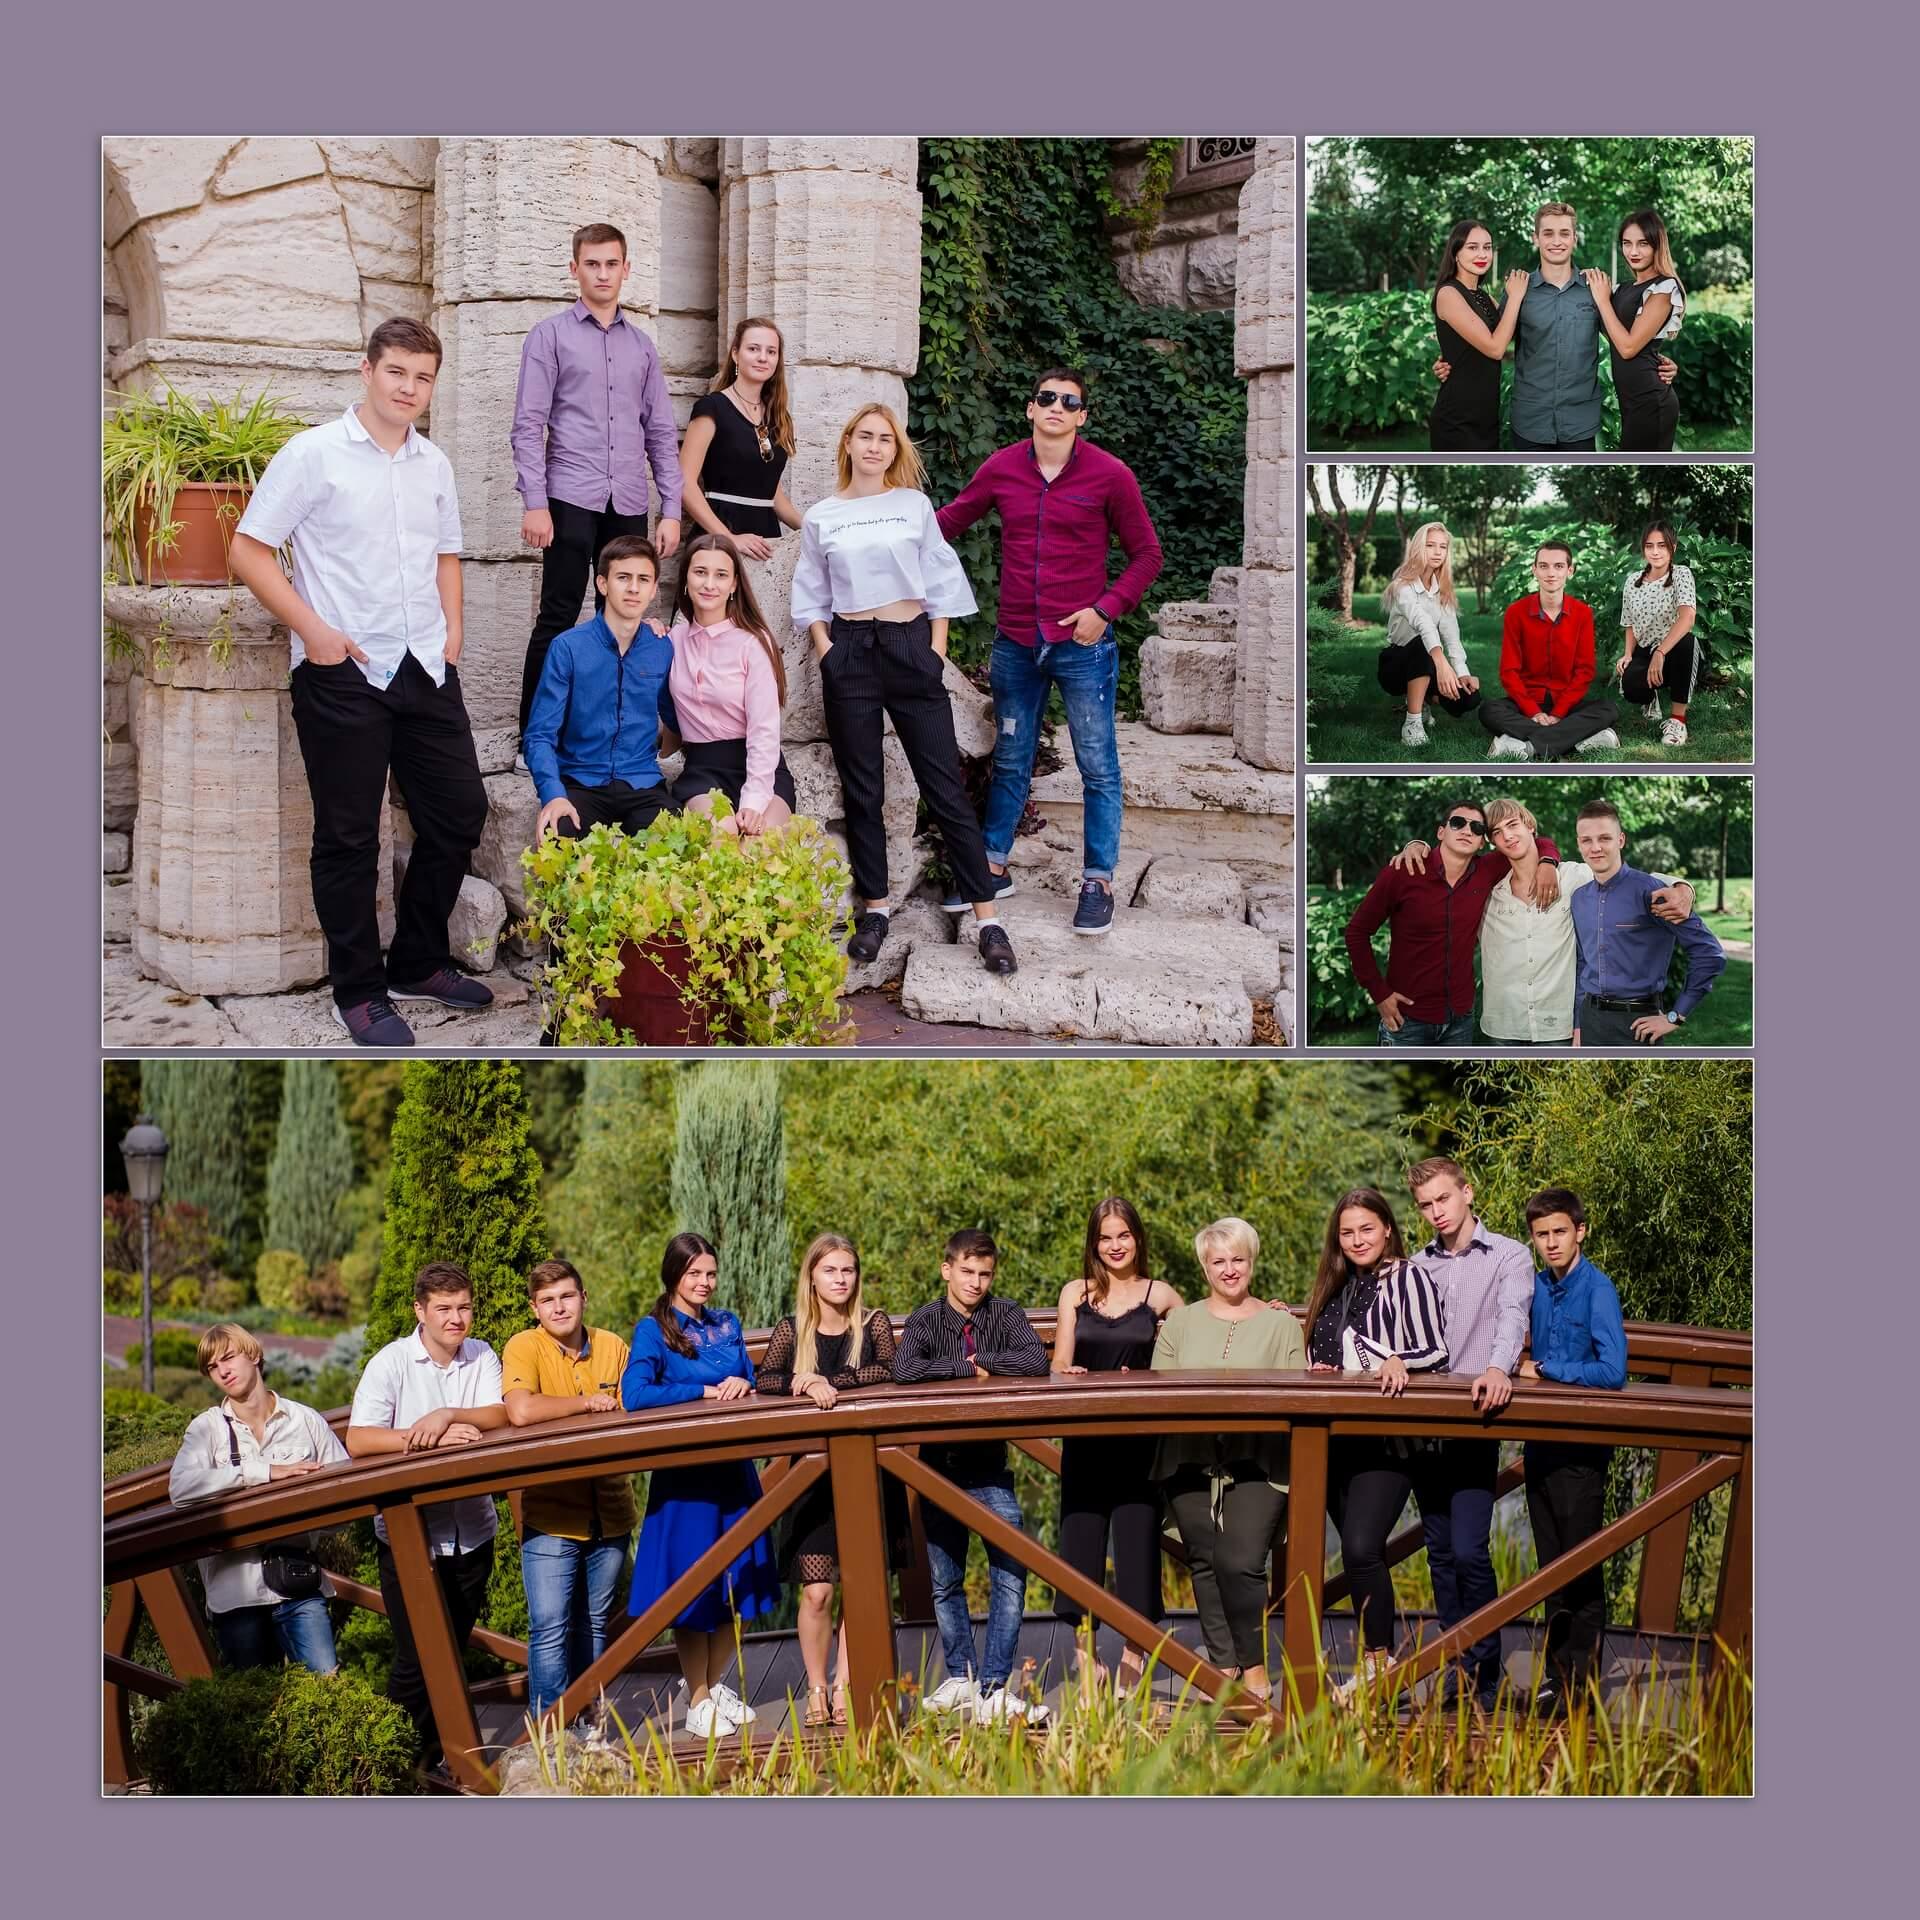 выпускной альбом принтбук для 11 класса фотосессия школьников в Межигорье на выпускной альбом